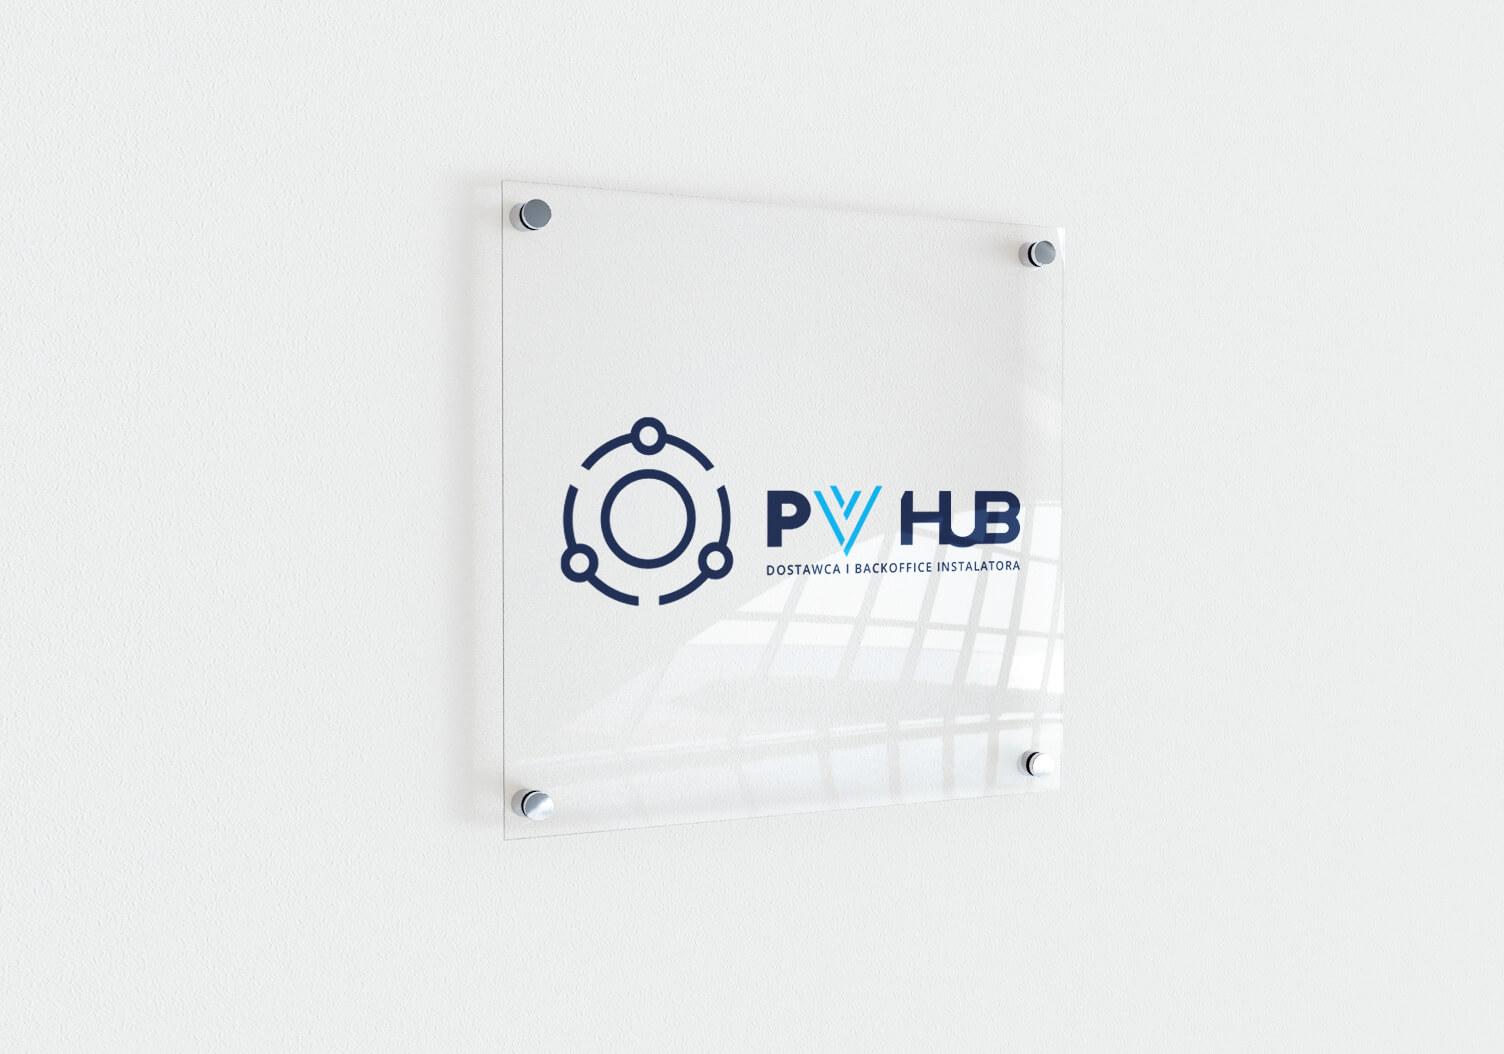 Projekt logo dla PVhub - dostawca i backoffice instalatora fotowoltaiki - wizualizacja na tabliczce przydrzwiowej